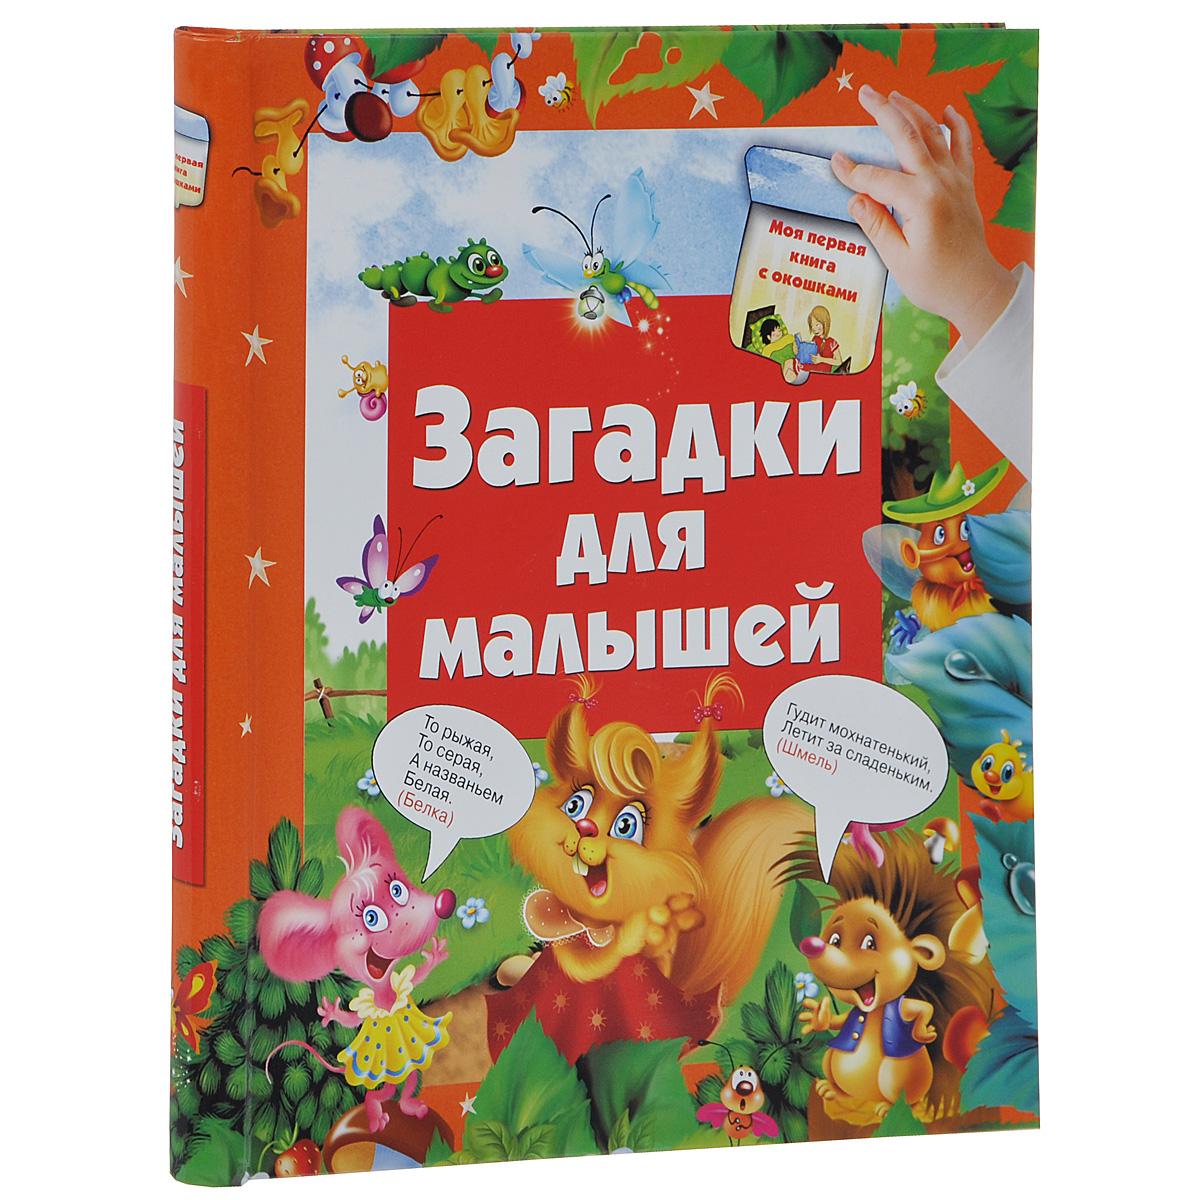 Загадки для малышей. Книга с окошками